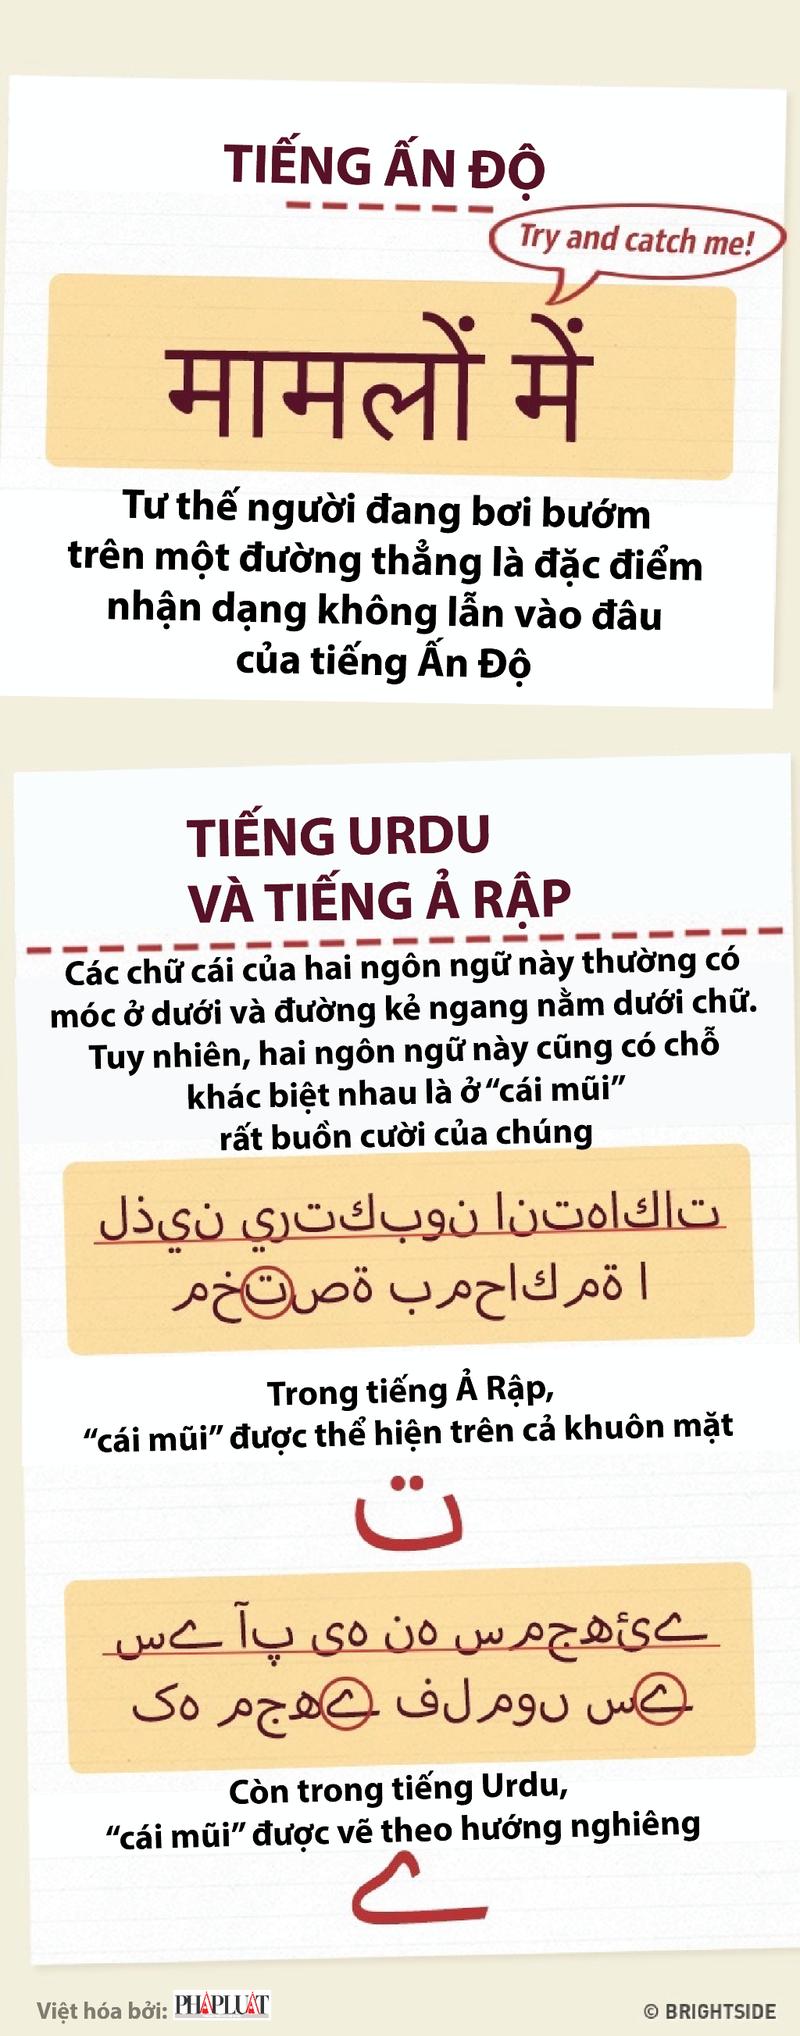 Nhận biết sự khác biệt thú vị ở các thứ tiếng châu Á - ảnh 2